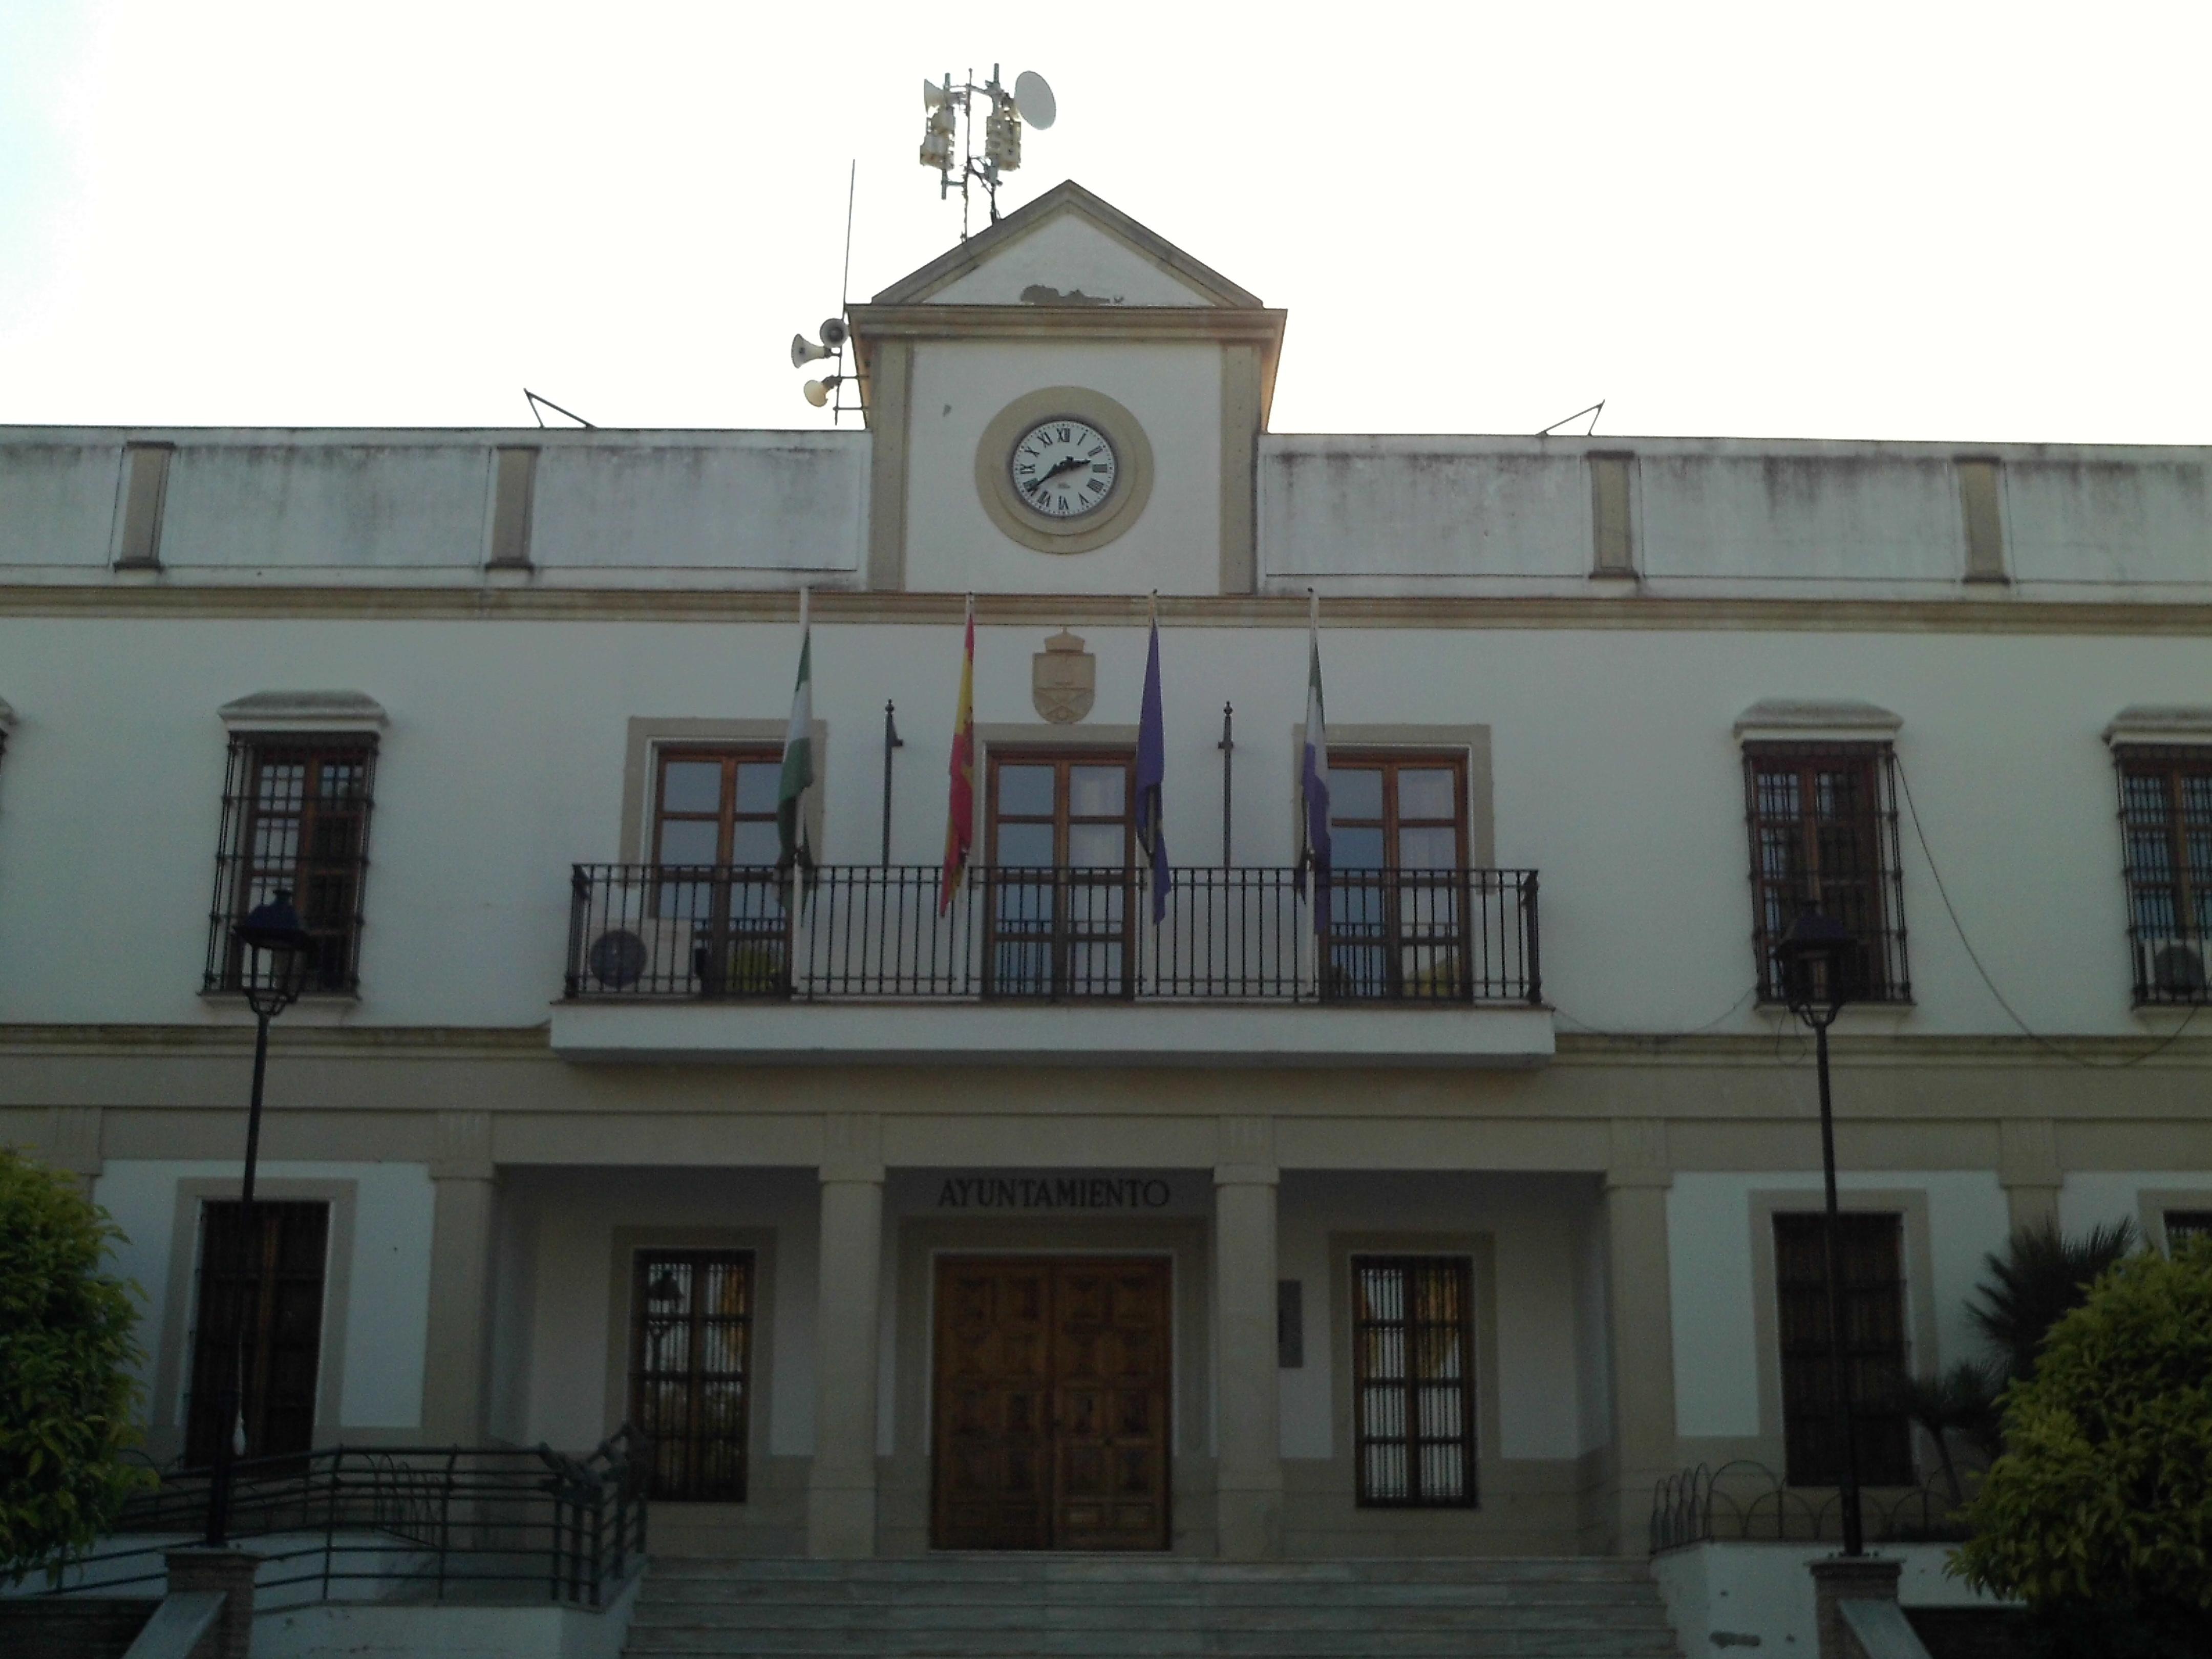 File:Ayuntamiento de Castilleja de Guzmán.JPG - Wikimedia Commons